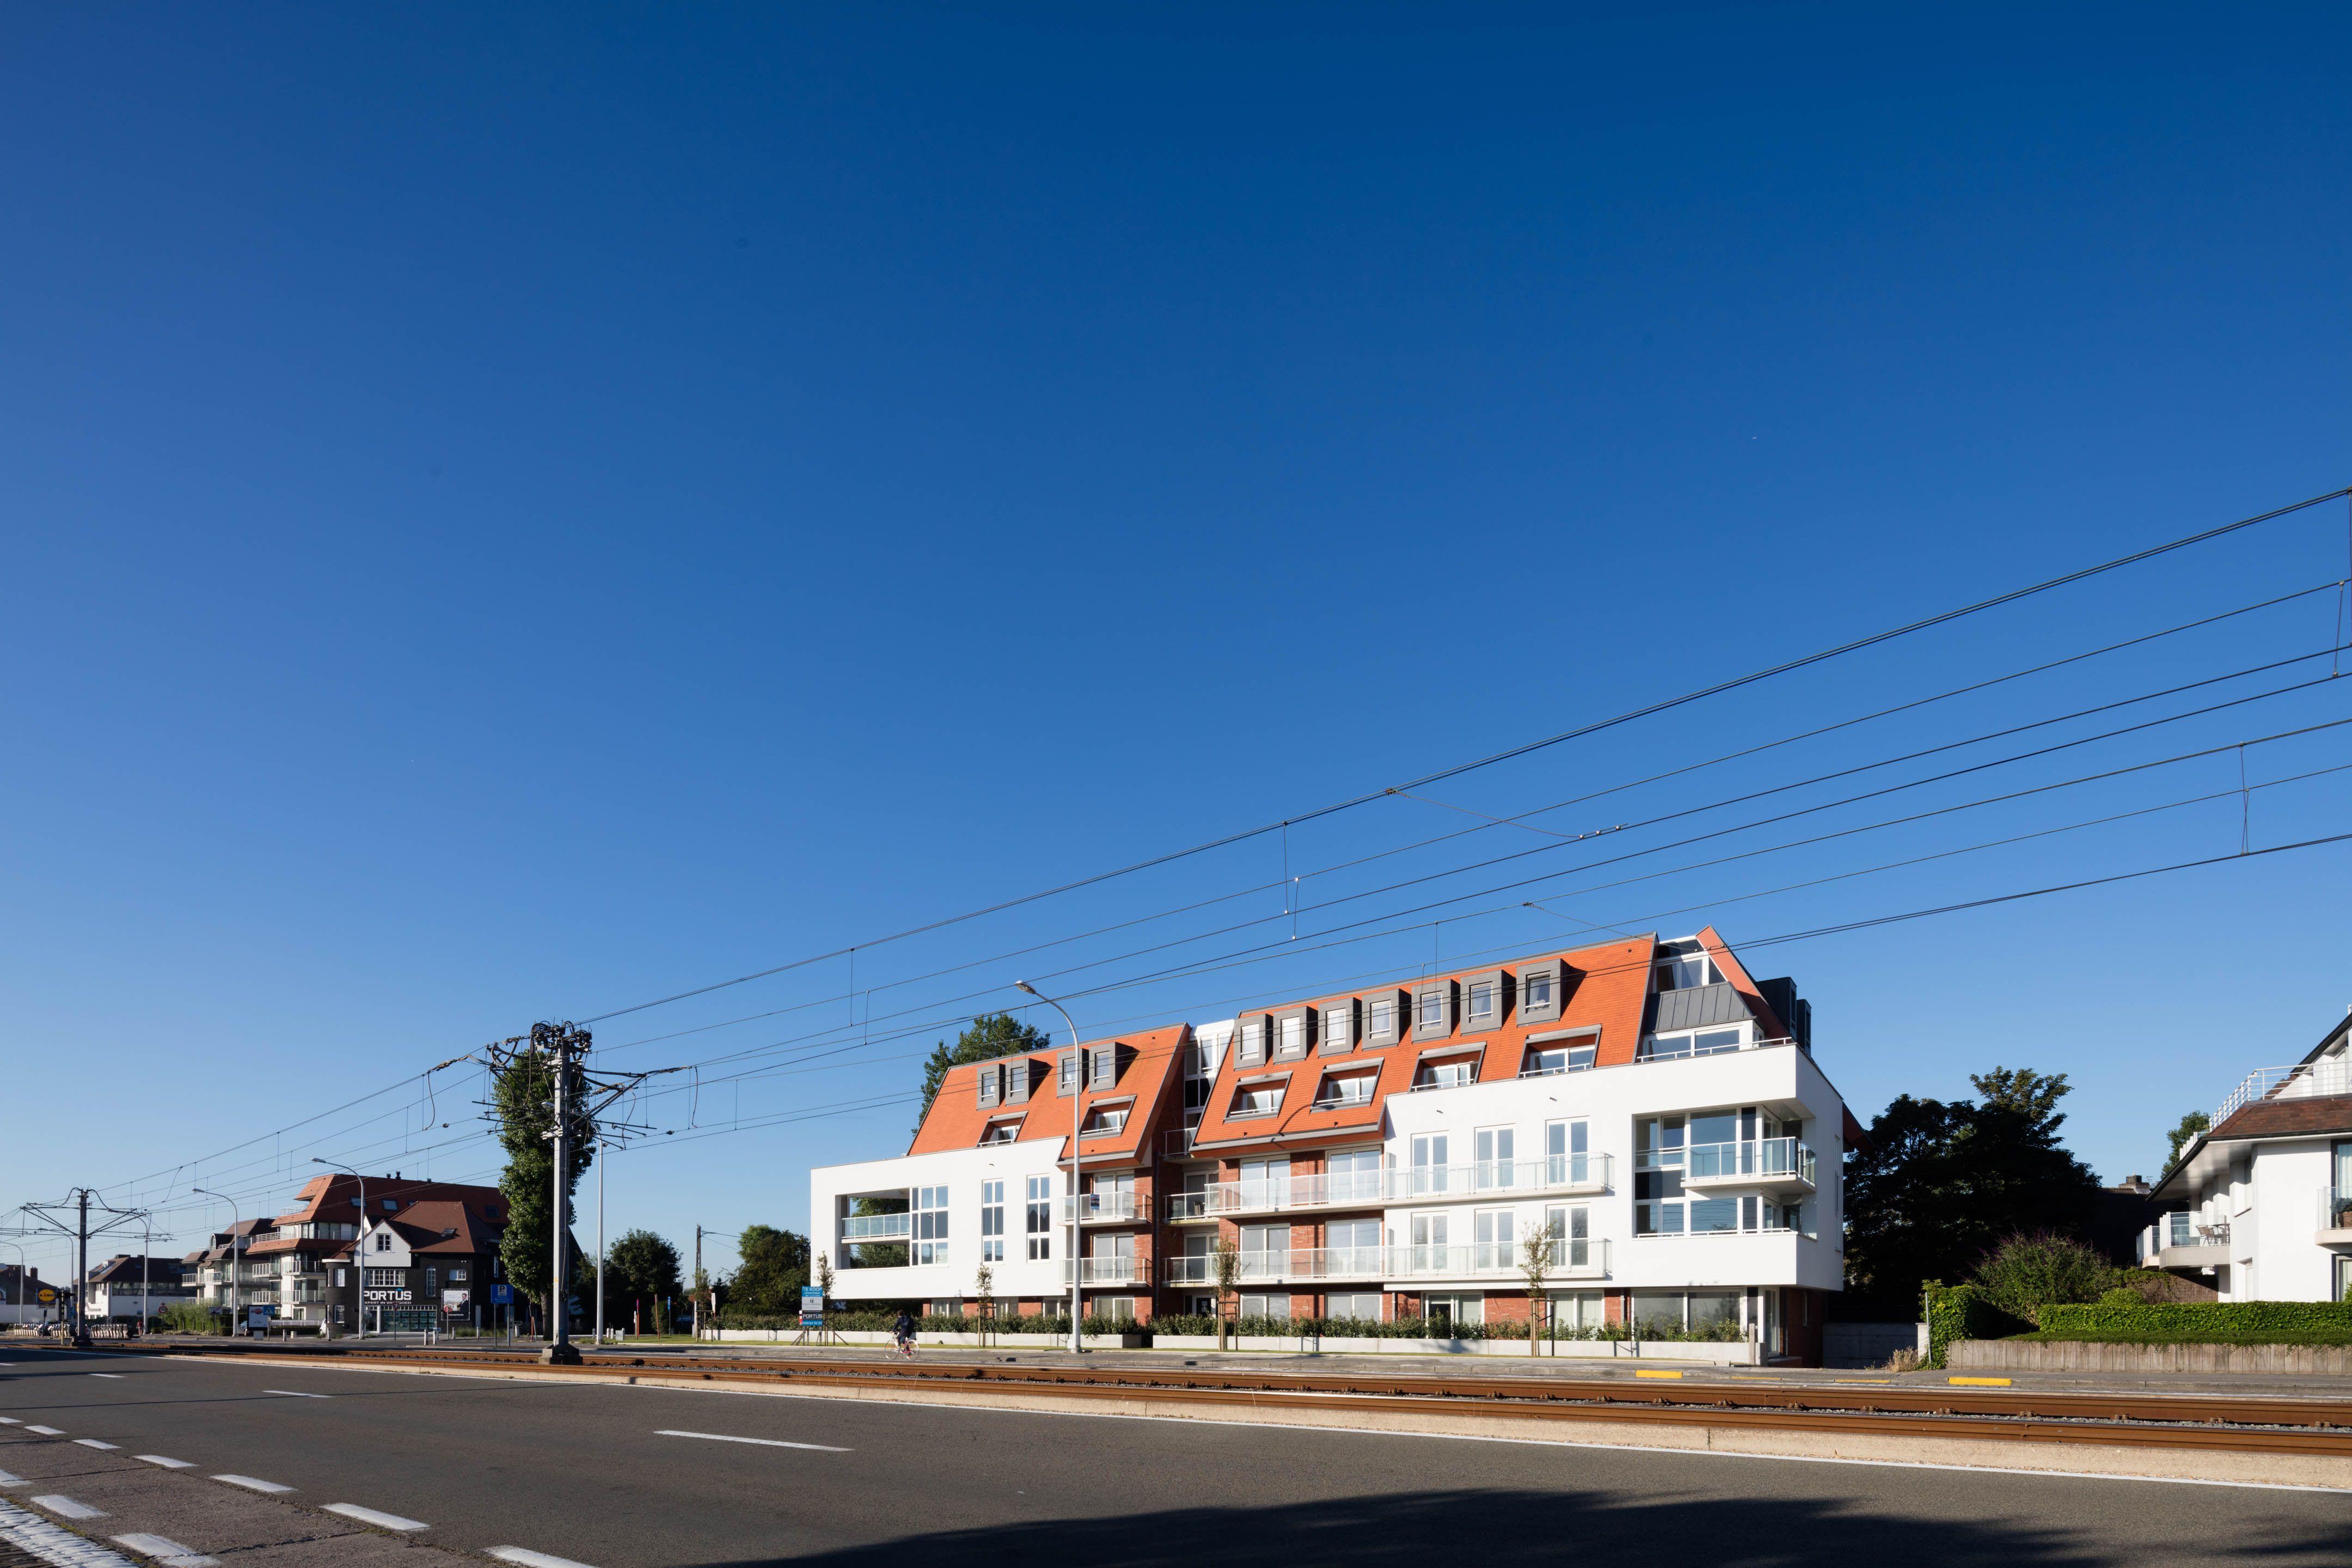 Appartement Residentie Villa Crombez Nieuwpoort - 9347